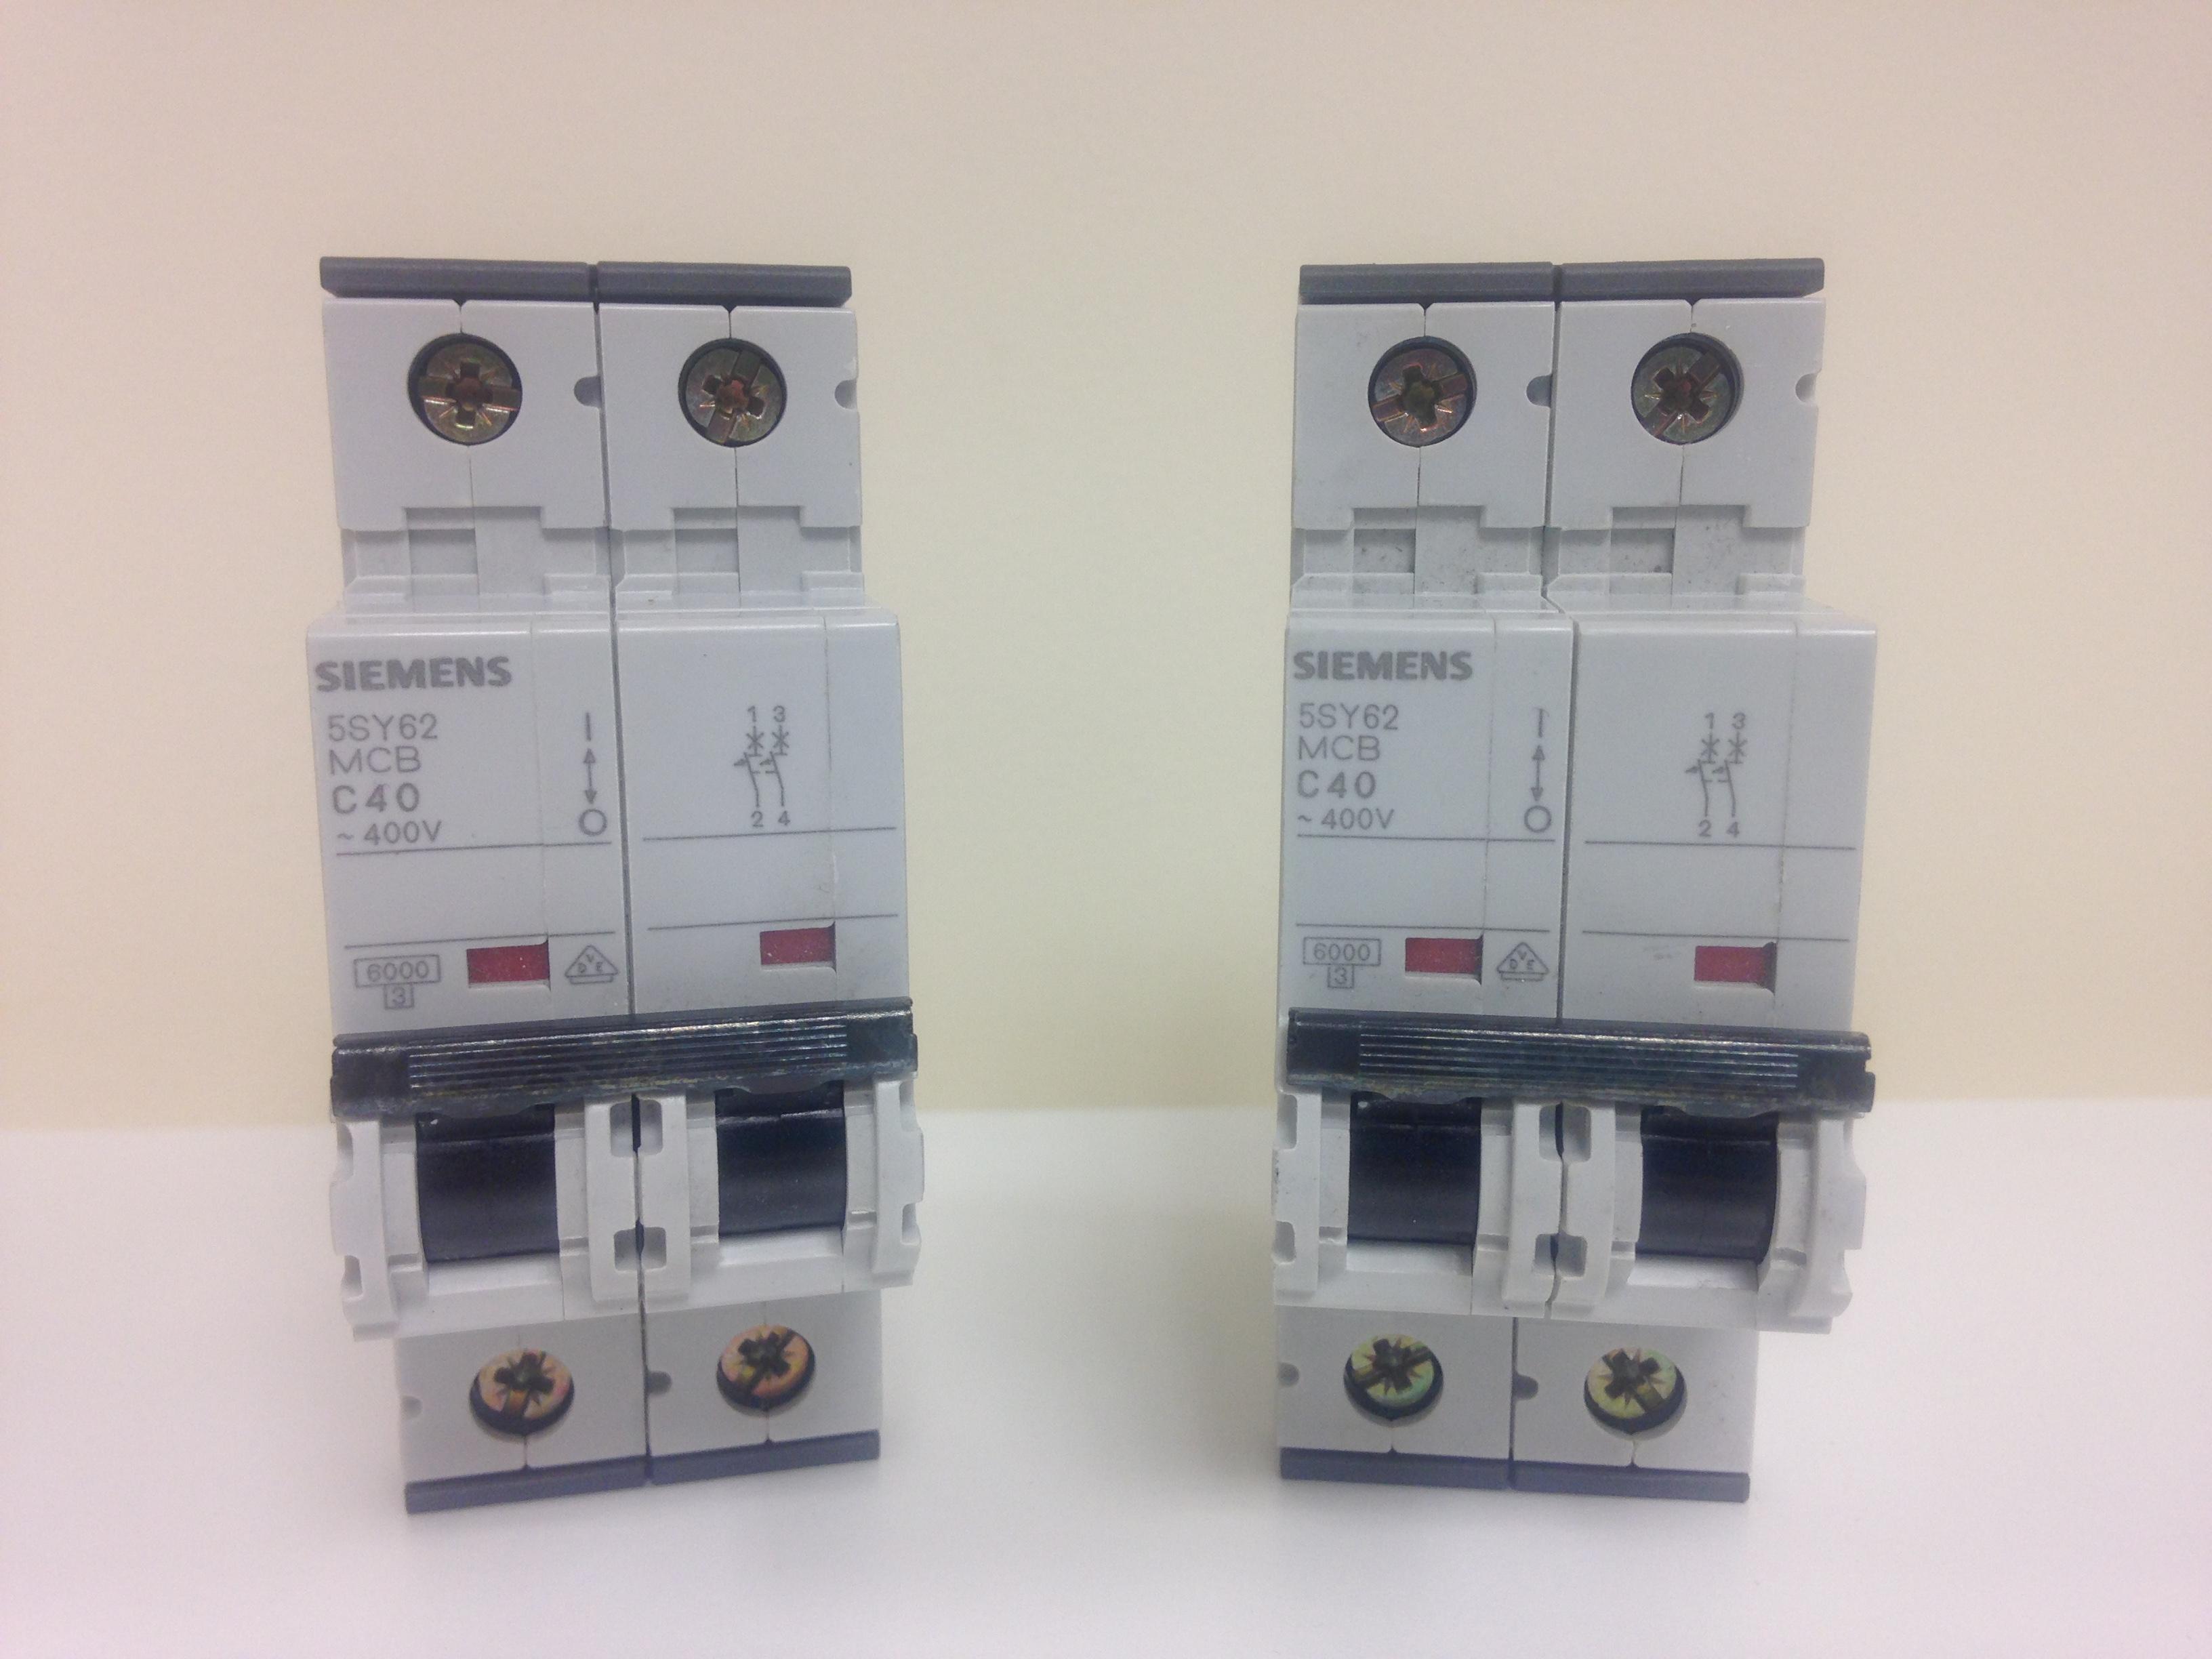 SIEMENS Circuit Breaker 2 Pole 40A 400V Type C 40A 5SY6240-7   eBay